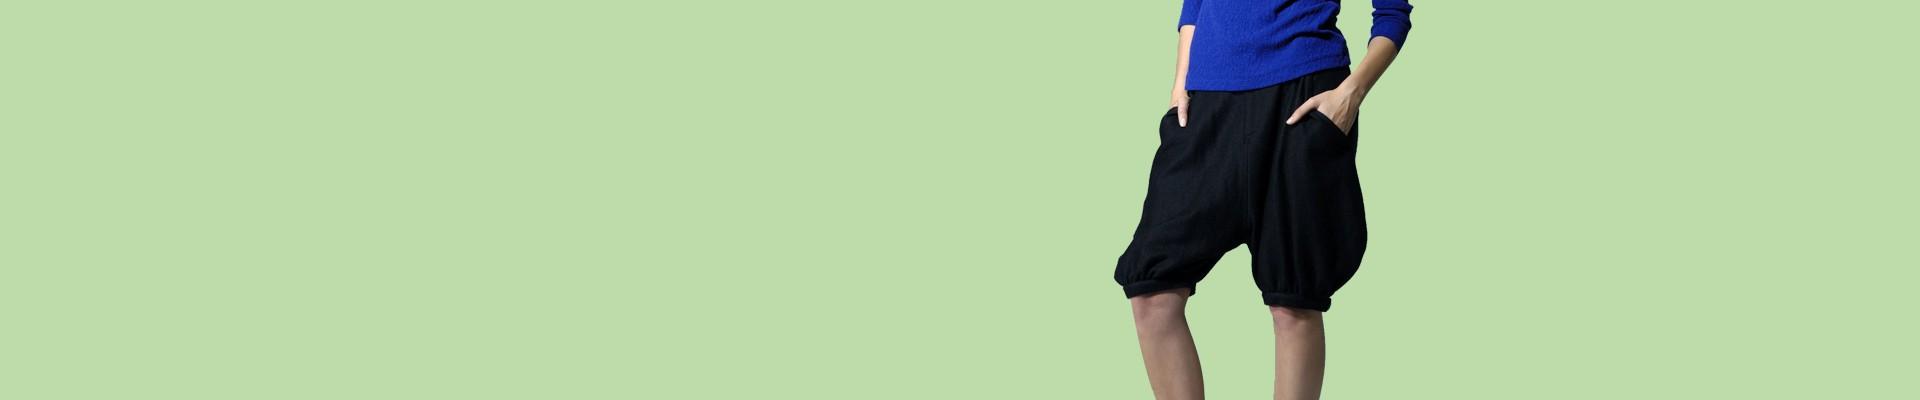 Jual Celana Pendek Wanita Model Terbaru - Harga Terbaik